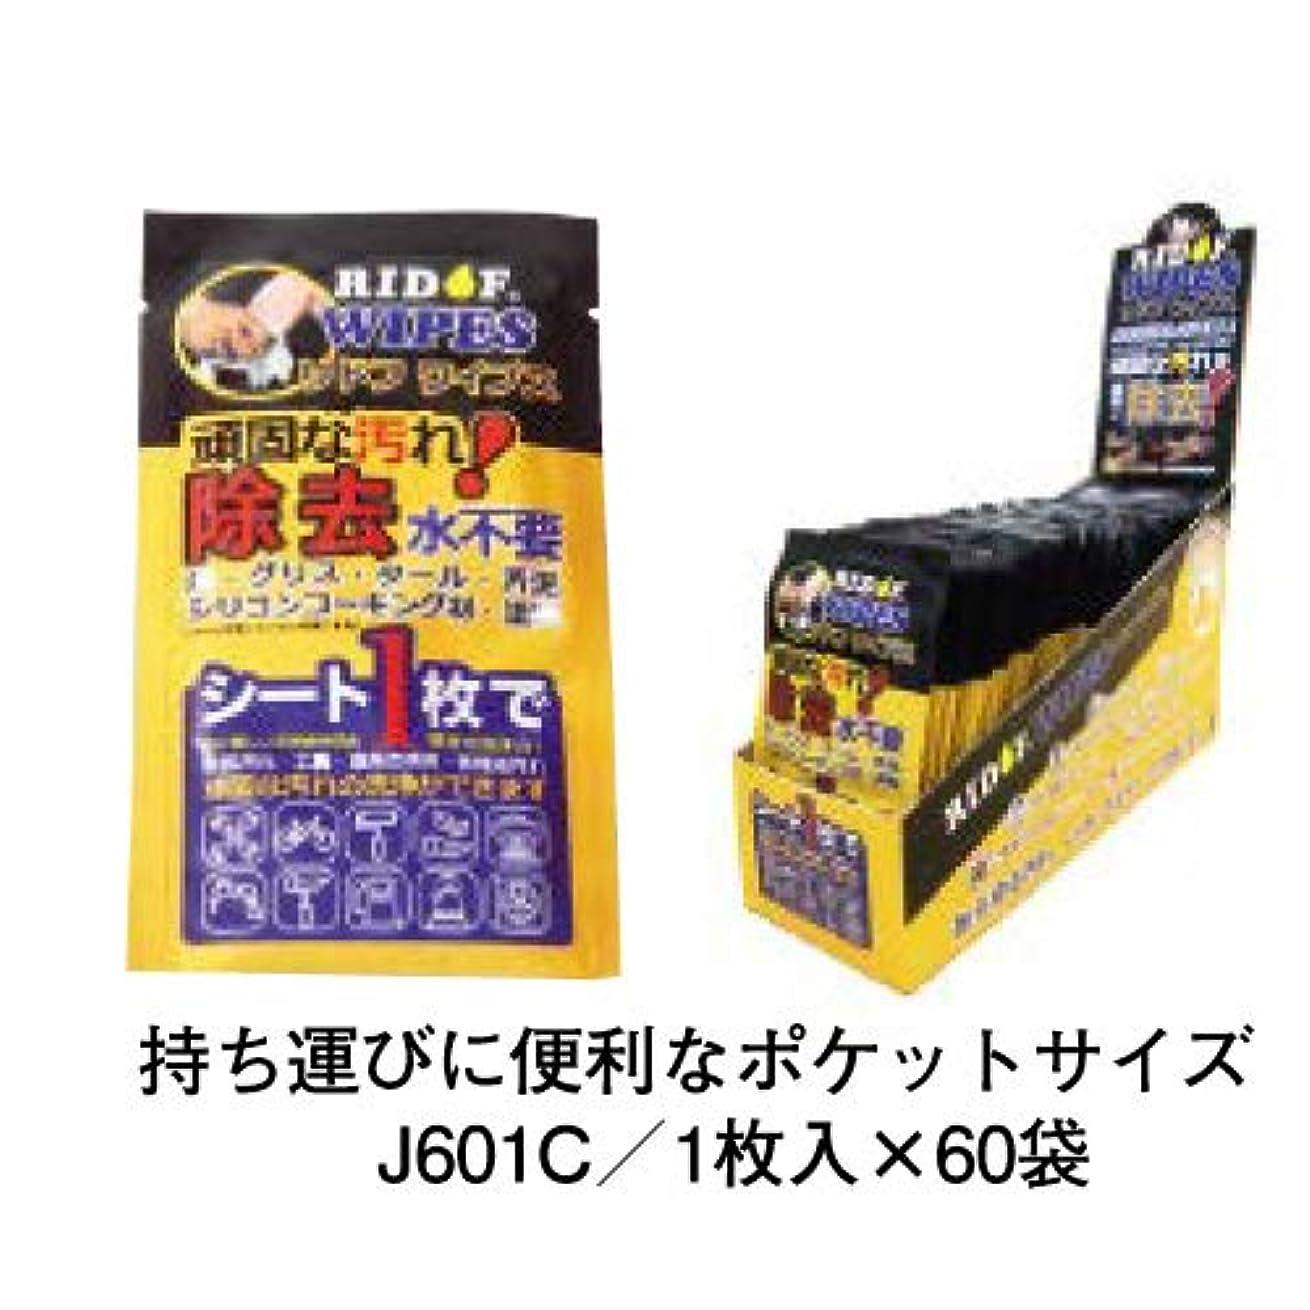 反毒テレックス冷蔵するリドフワイプス ポケットタイプ/1枚入×60袋 J601C